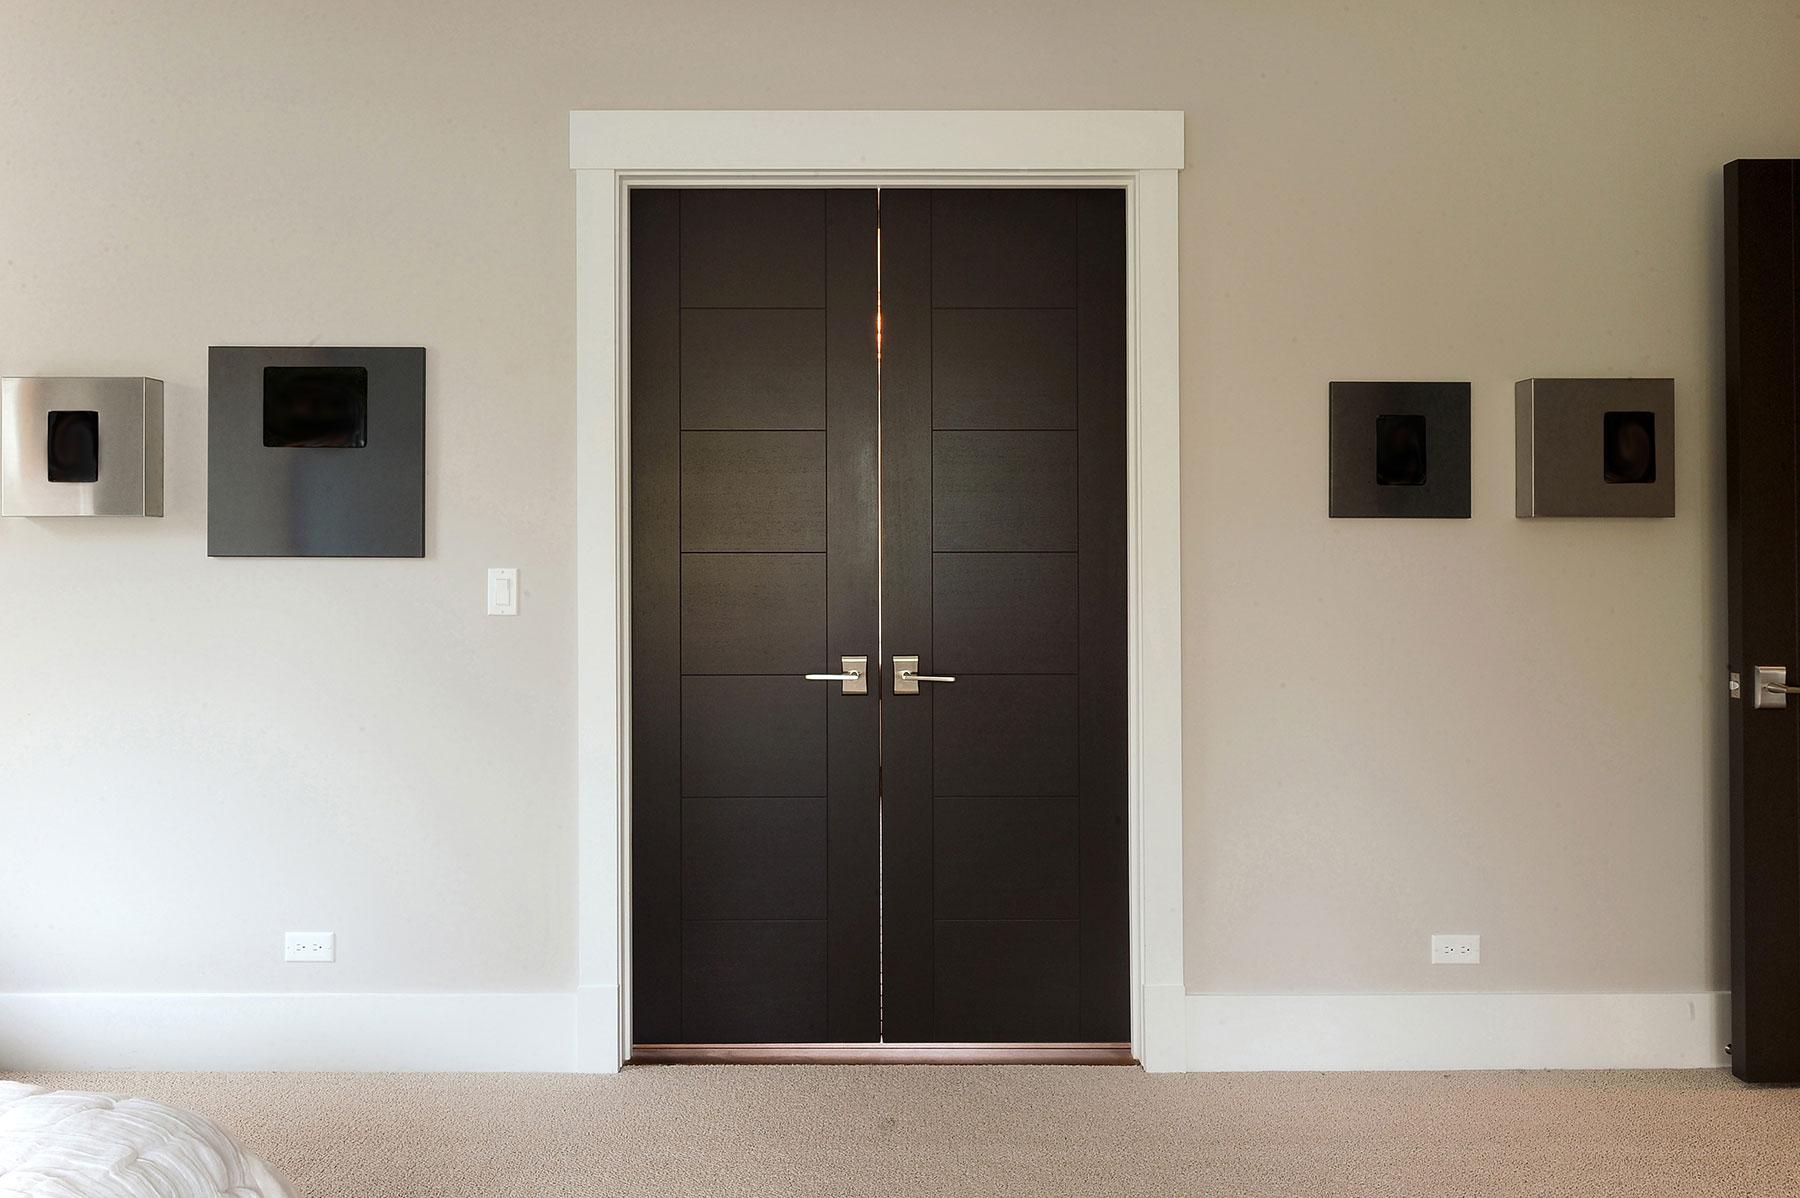 Custom Wood Interior Doors | Custom Modern Interior Wood Double Door DBIM-VG9000 - Glenview Doors - Custom Doors in Chicago